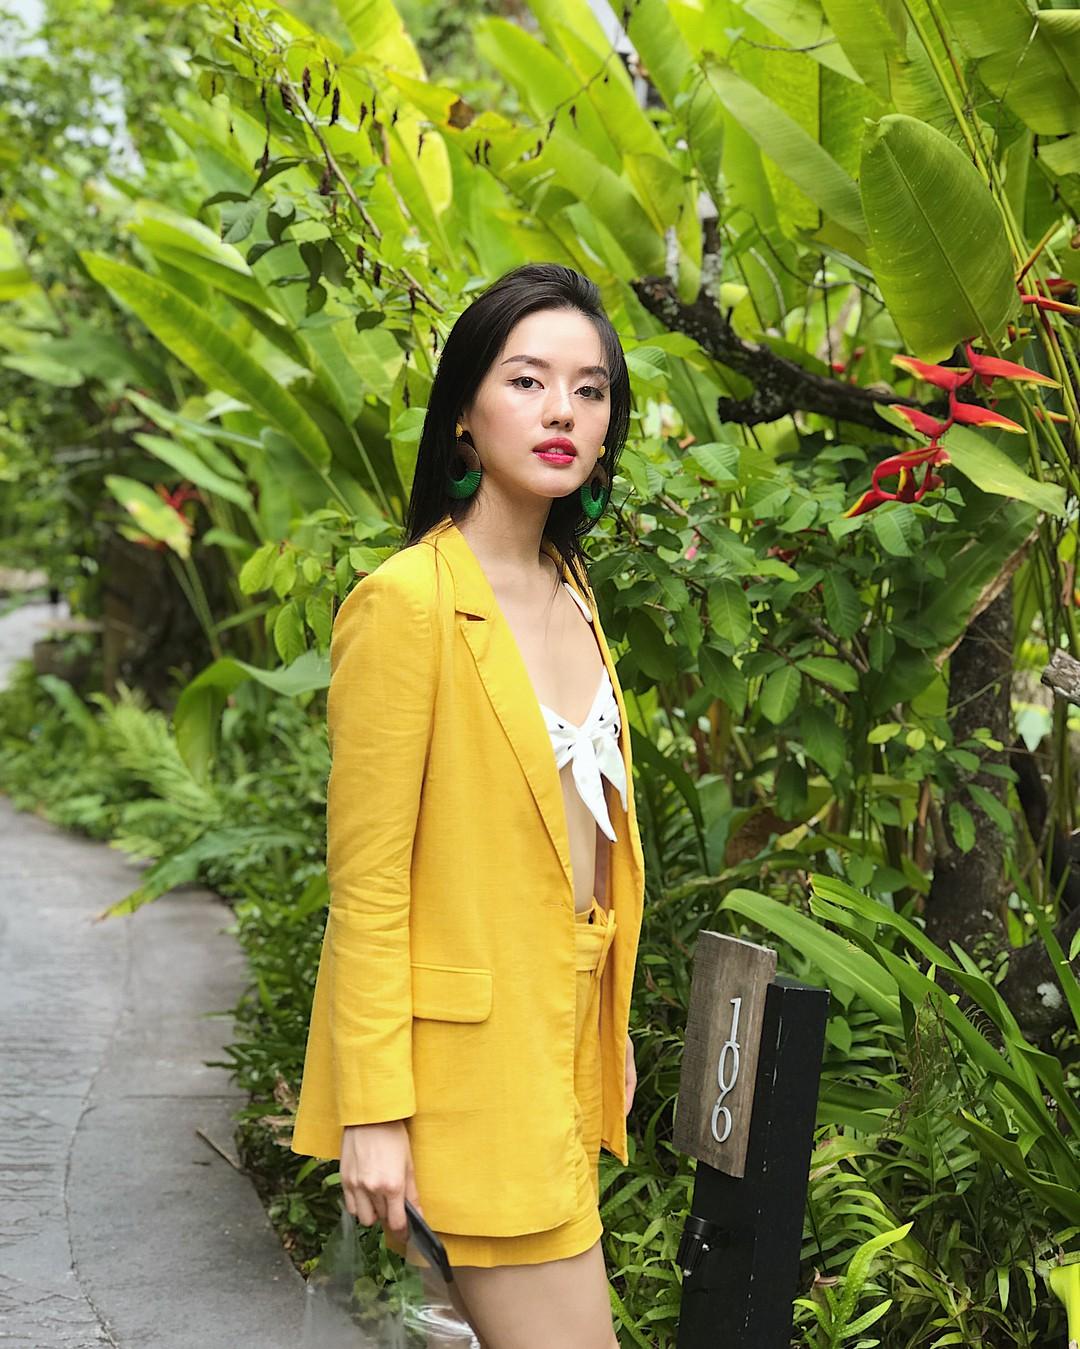 Học theo Kate và Meghan, các người đẹp Việt cũng đang diện váy áo vàng tươi chói lòa - Ảnh 12.